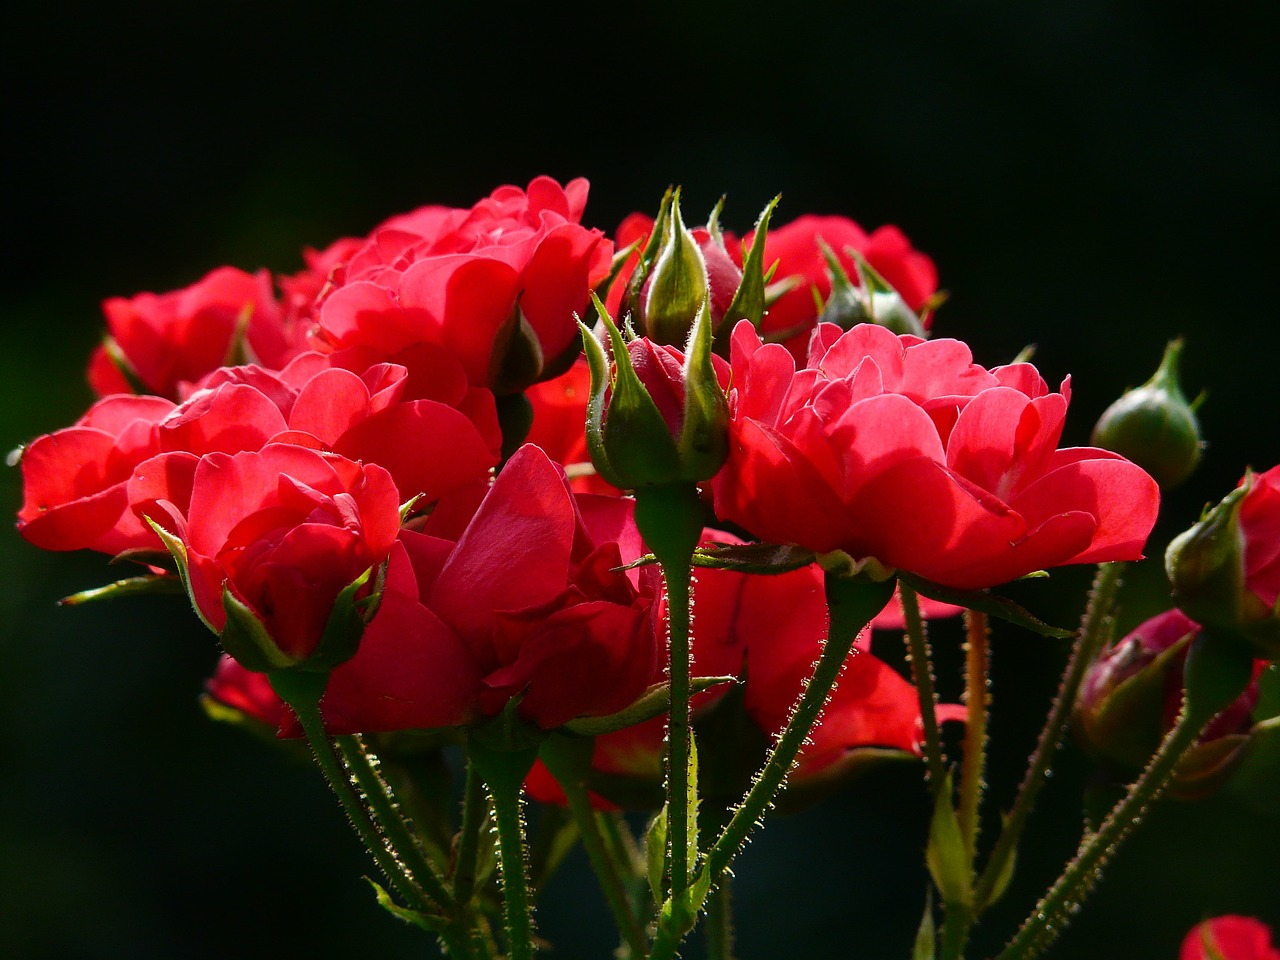 red-roses-4232_1280.jpg